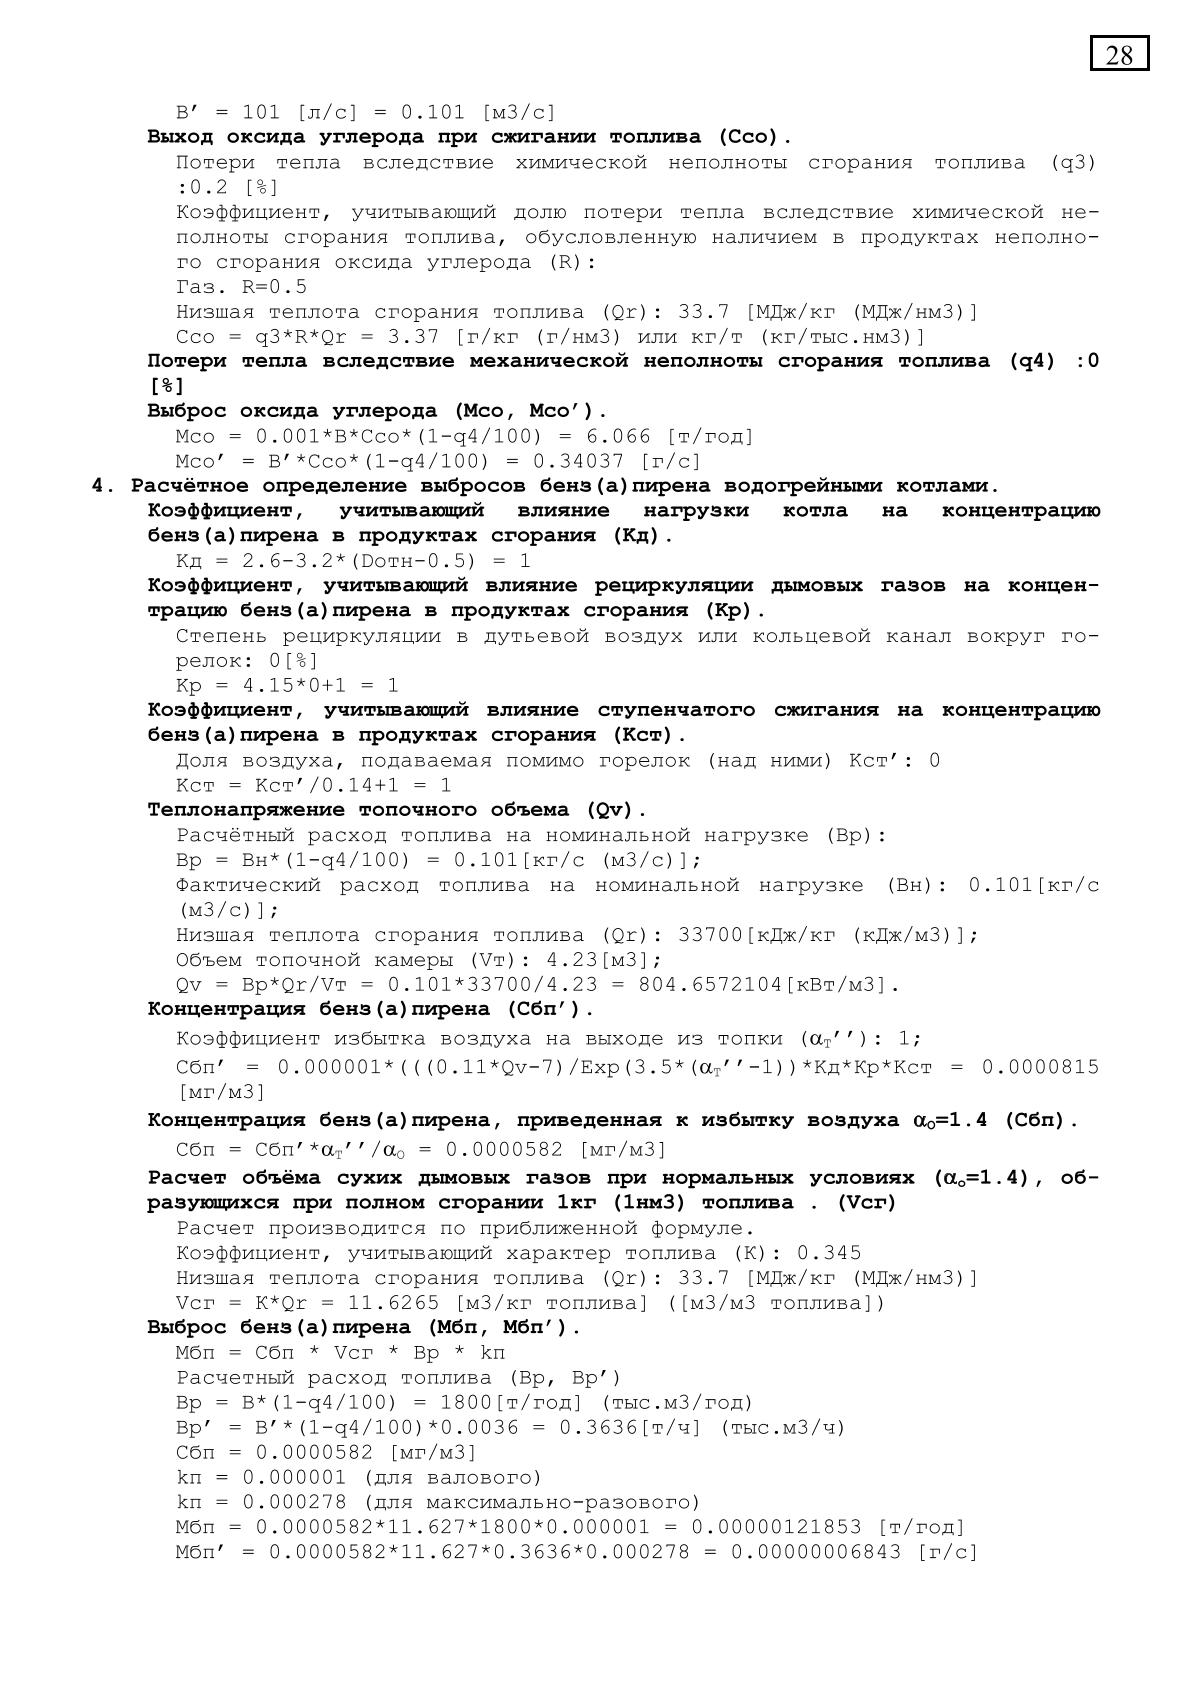 ООС (3)